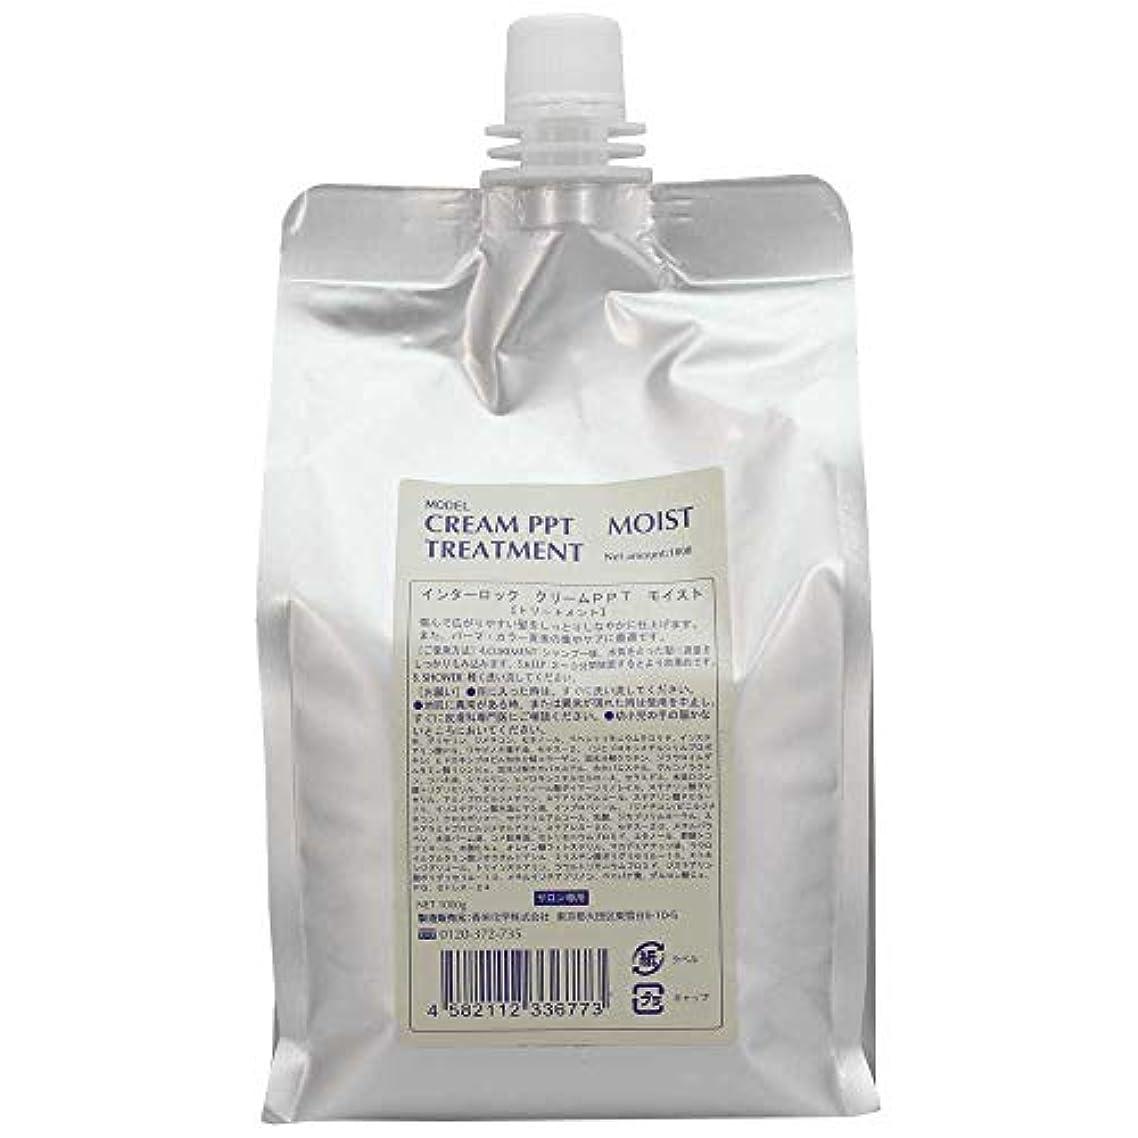 香栄化学 クリームPPTモイスト 1000g 詰め替え (トリートメント)